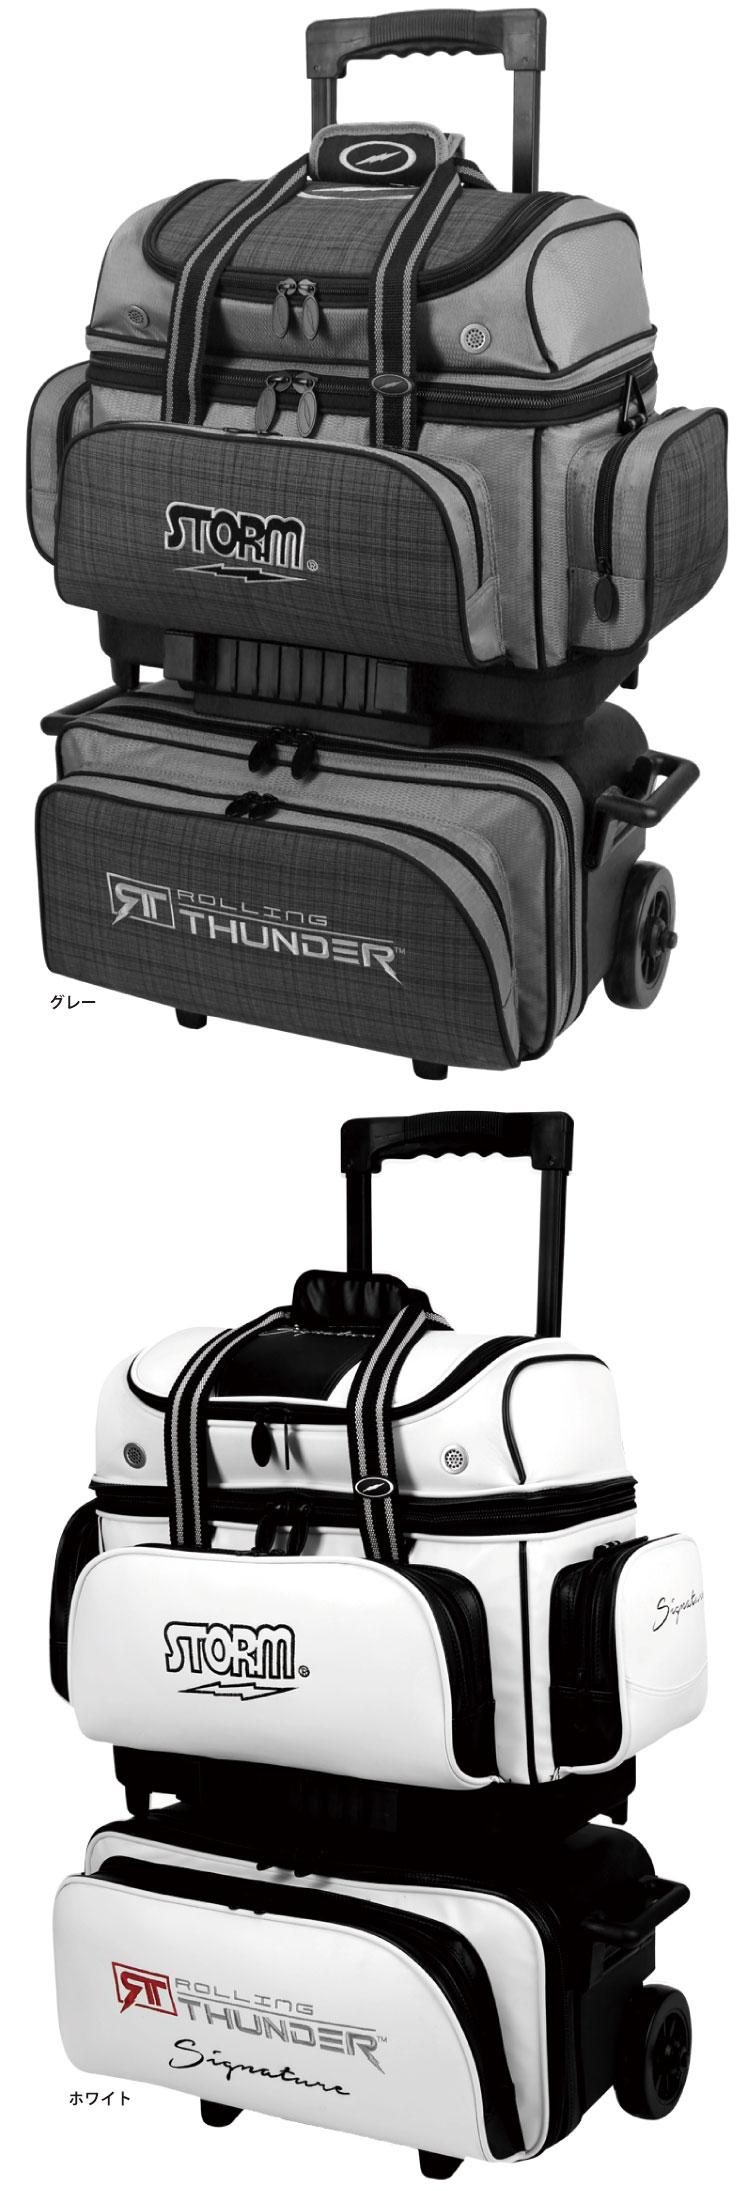 ボウリングバッグ ストーム STORM SB478-DA 4ボールローリングサンダー ボール4個用カートバッグ